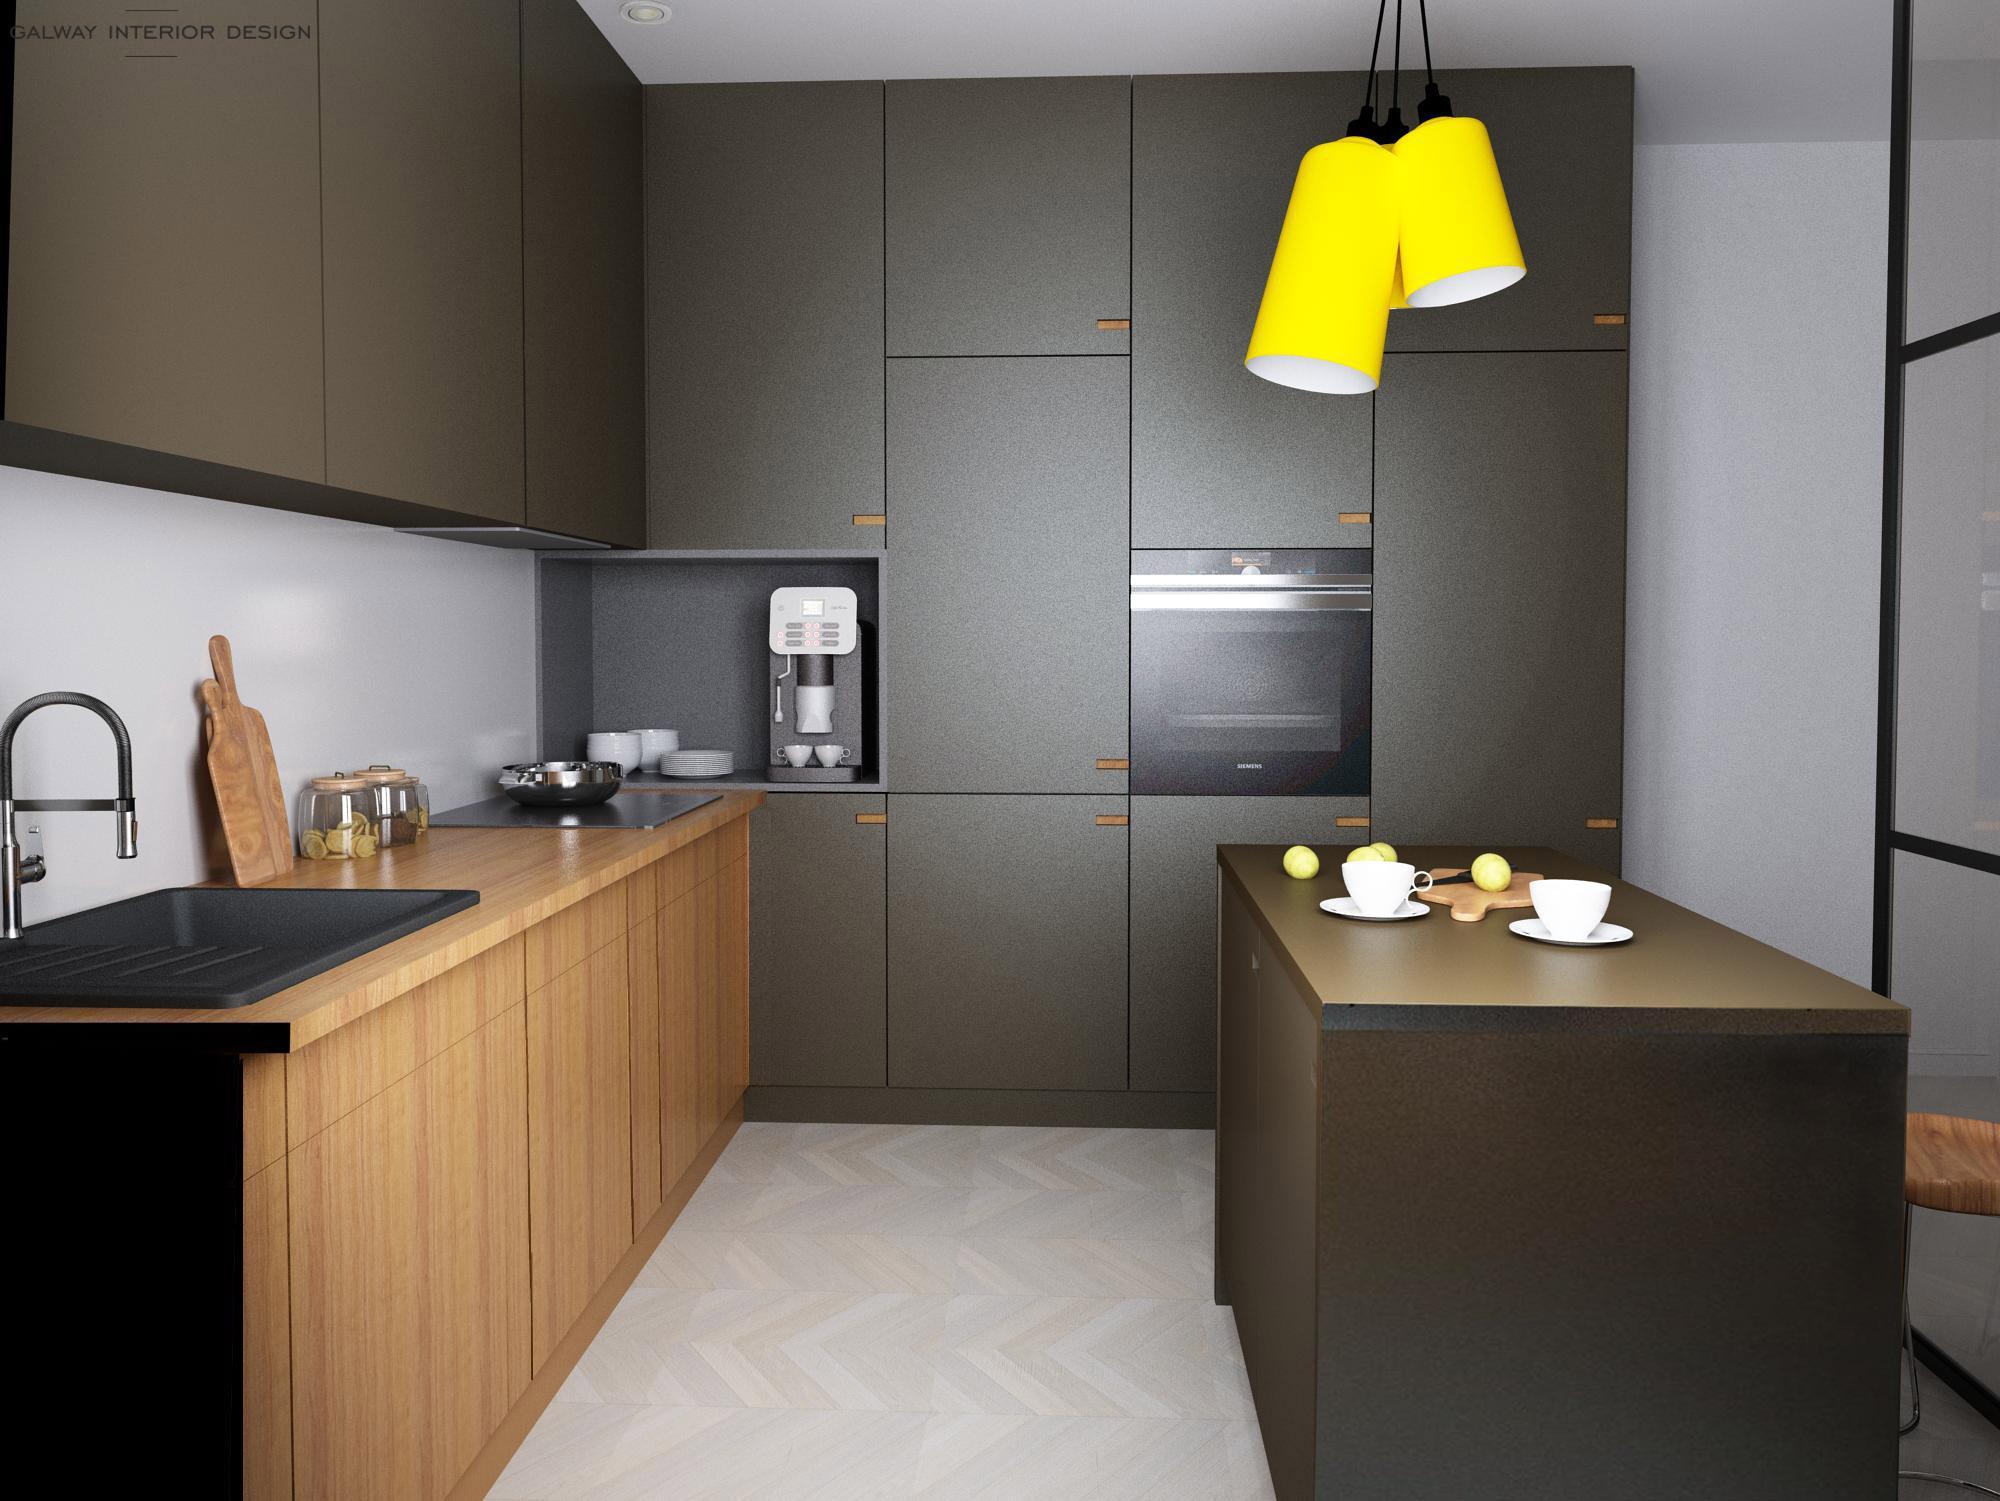 Galway Interior Design Kitchen 3D 2